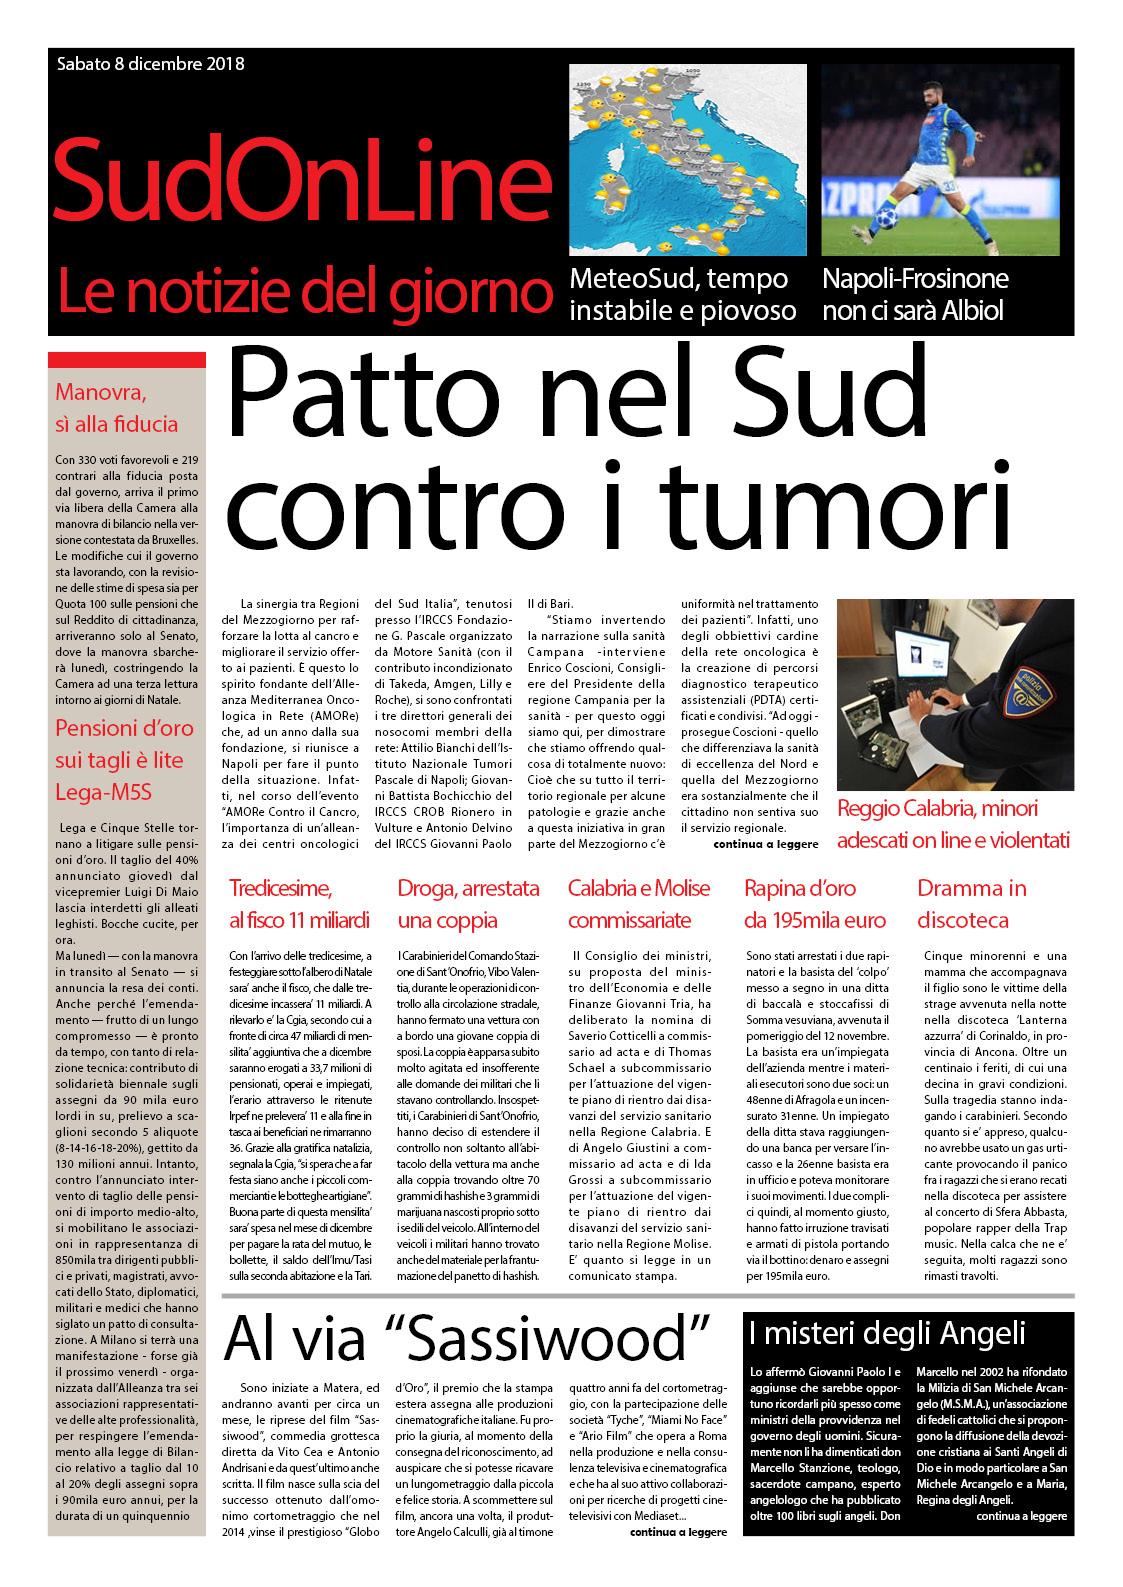 Il SudOnLine quotidiano di sabato 8 dicembre: Patto al Sud contro i tumori – Oggi Napoli-Frosinone – Alla scoperta degli Angeli